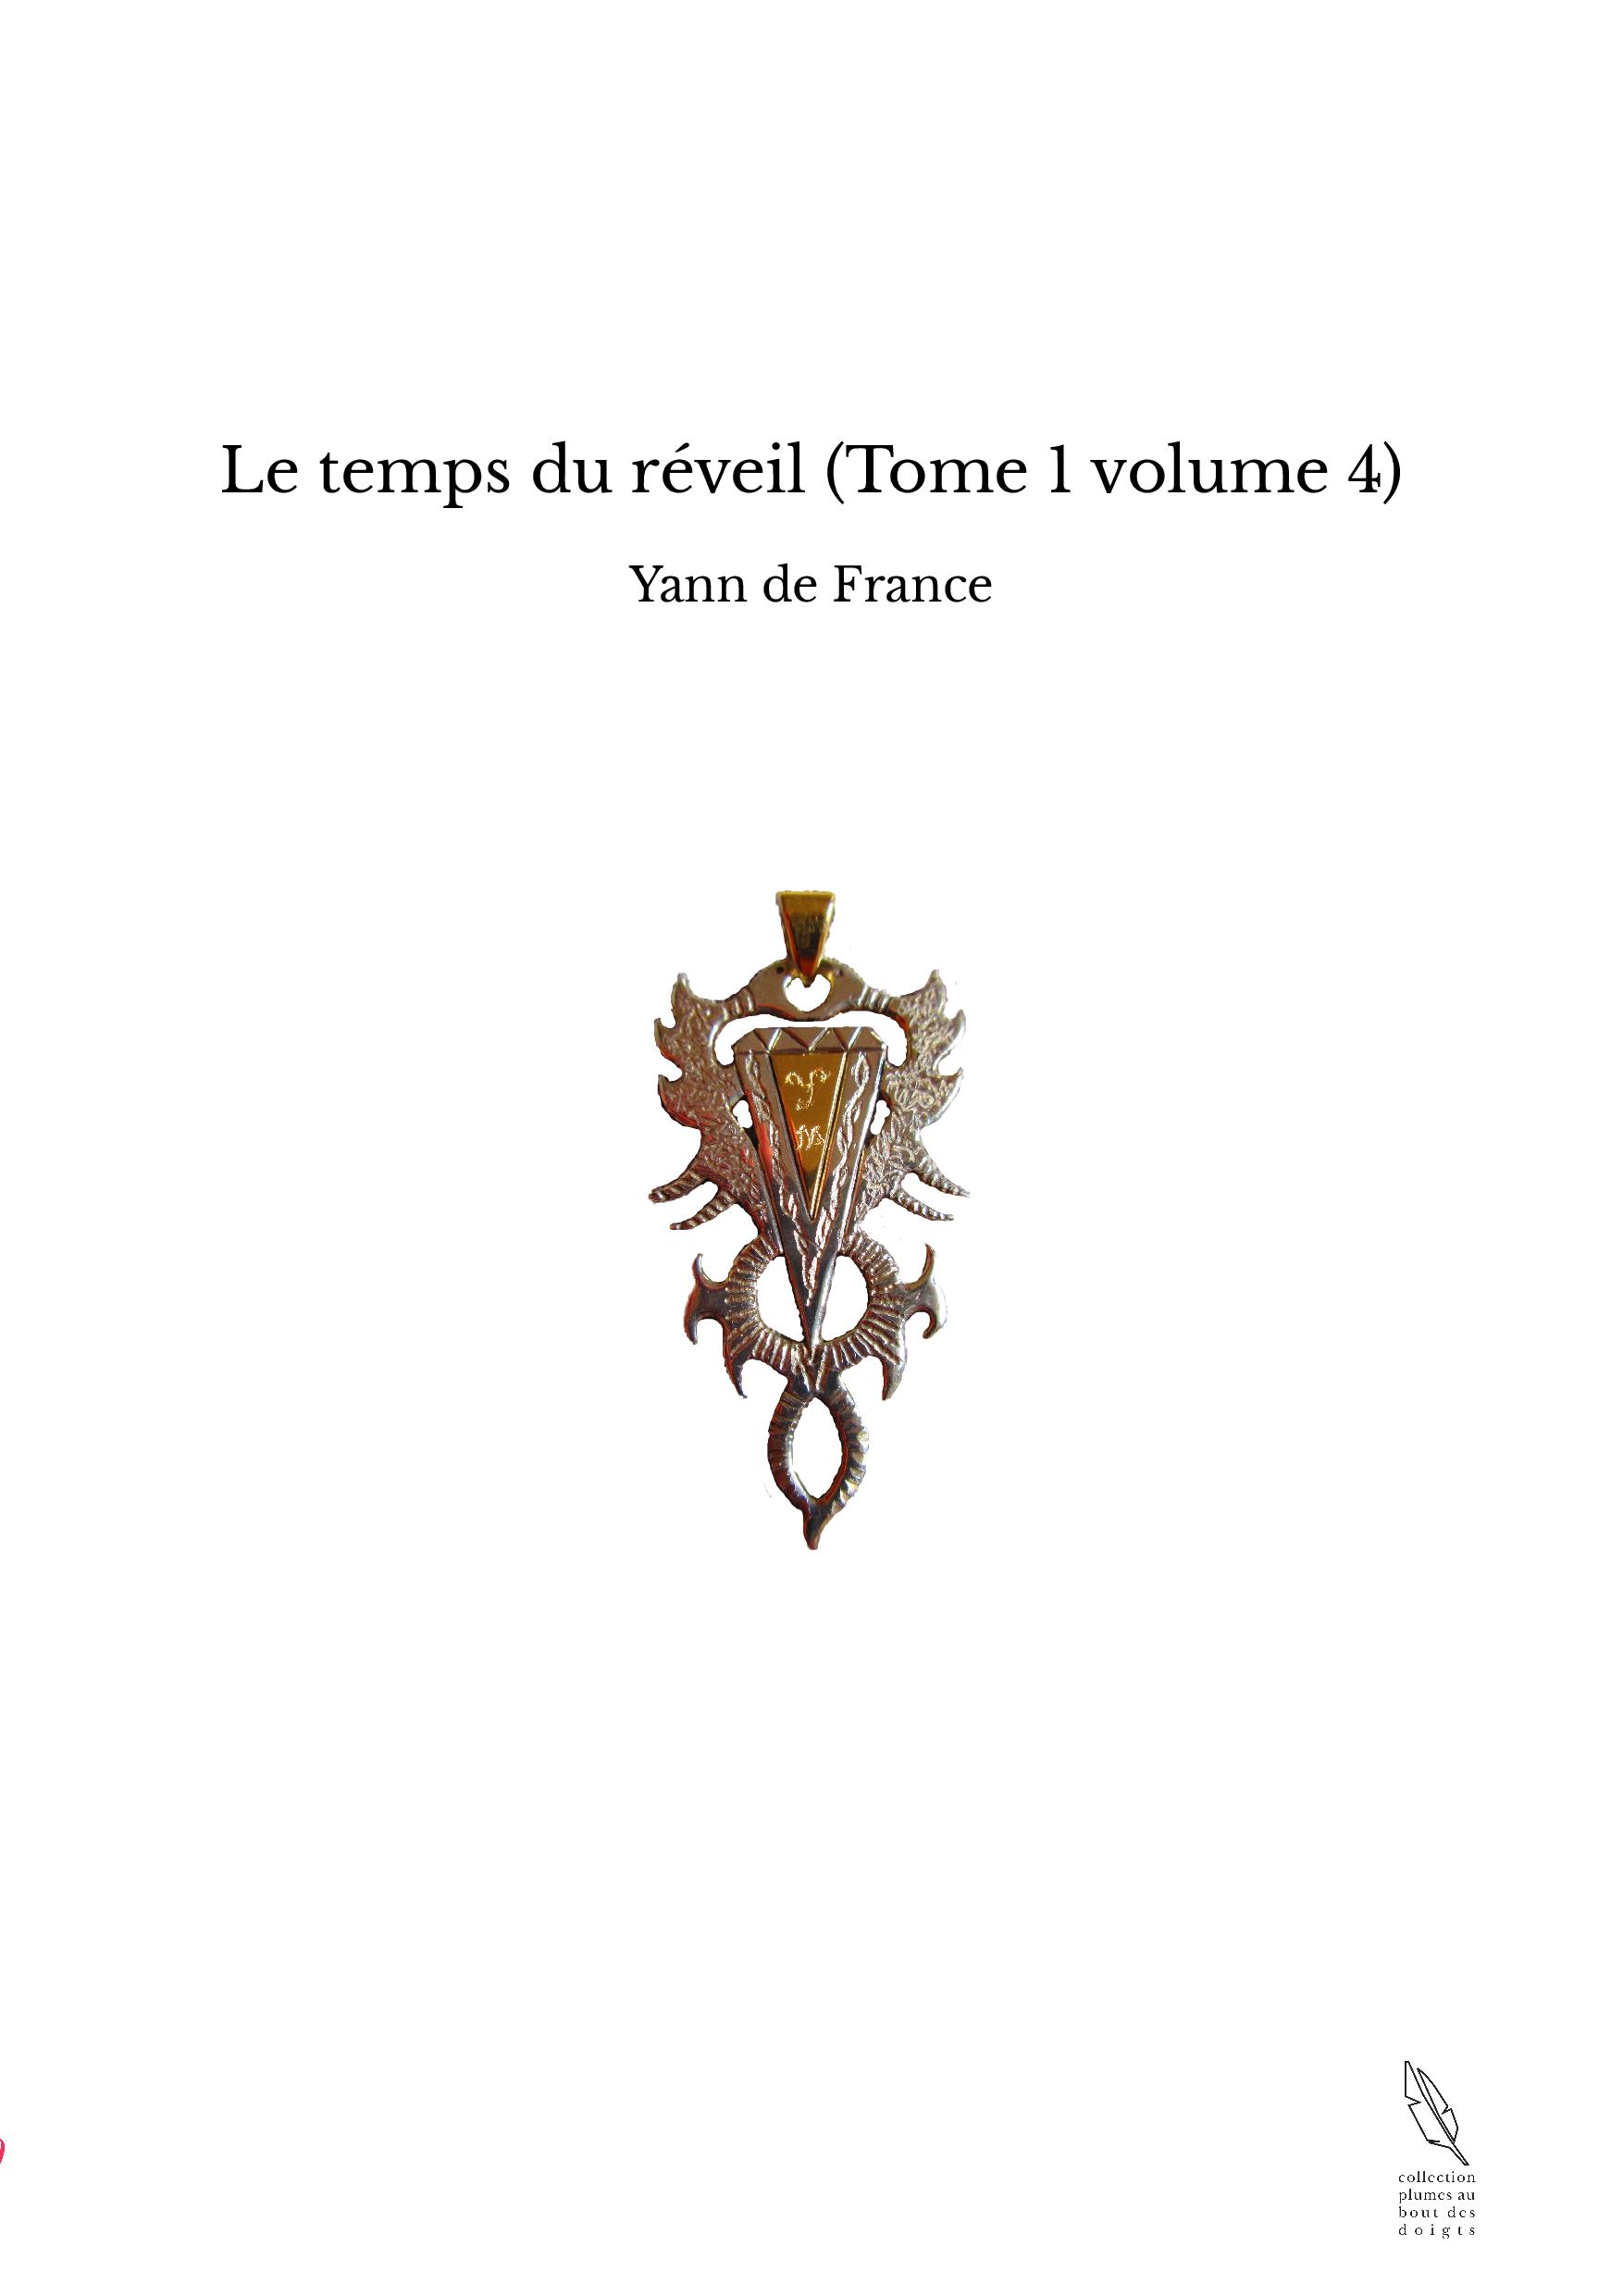 Le temps du réveil (Tome 1 volume 4)